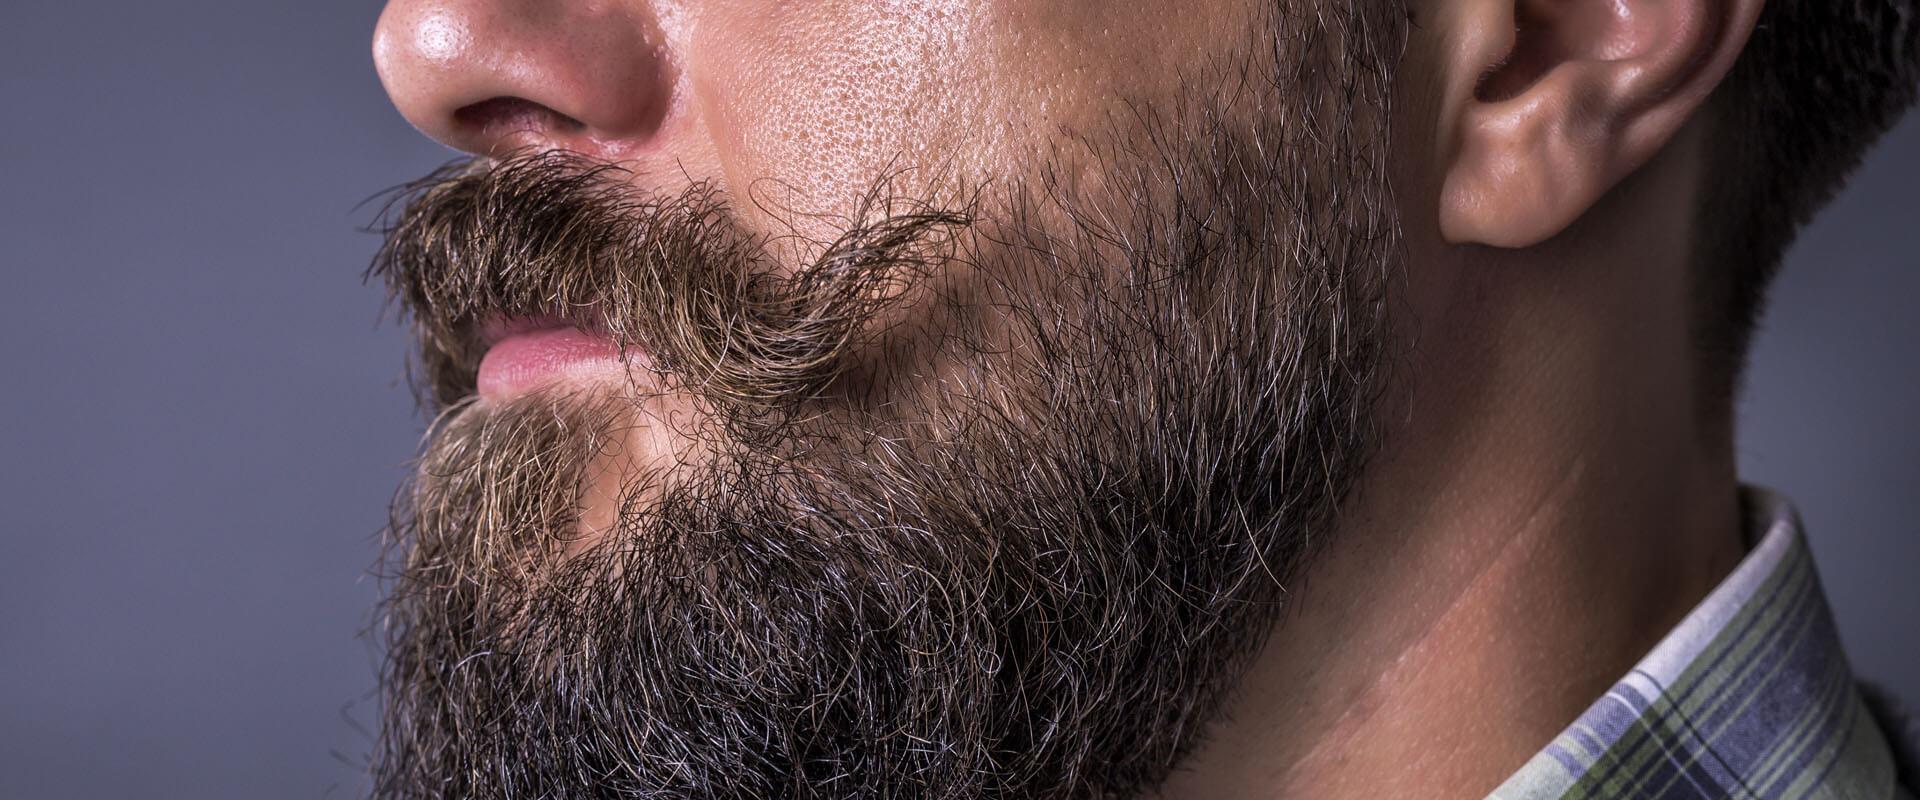 ¿Quieres que te crezca la barba y bigote? Sigue estos tips